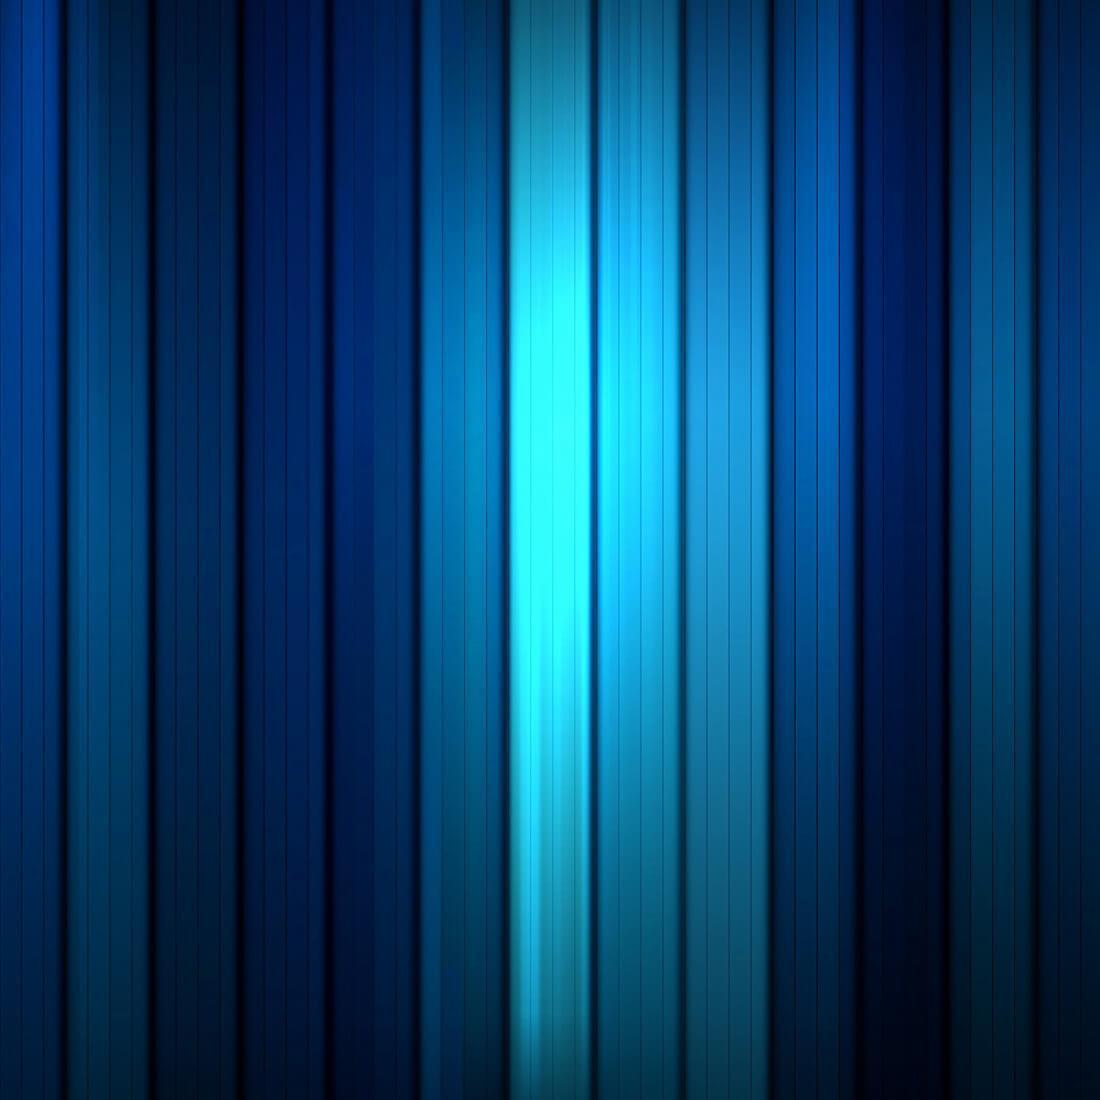 Android 用の 青ライブ壁紙 Apk をダウンロード